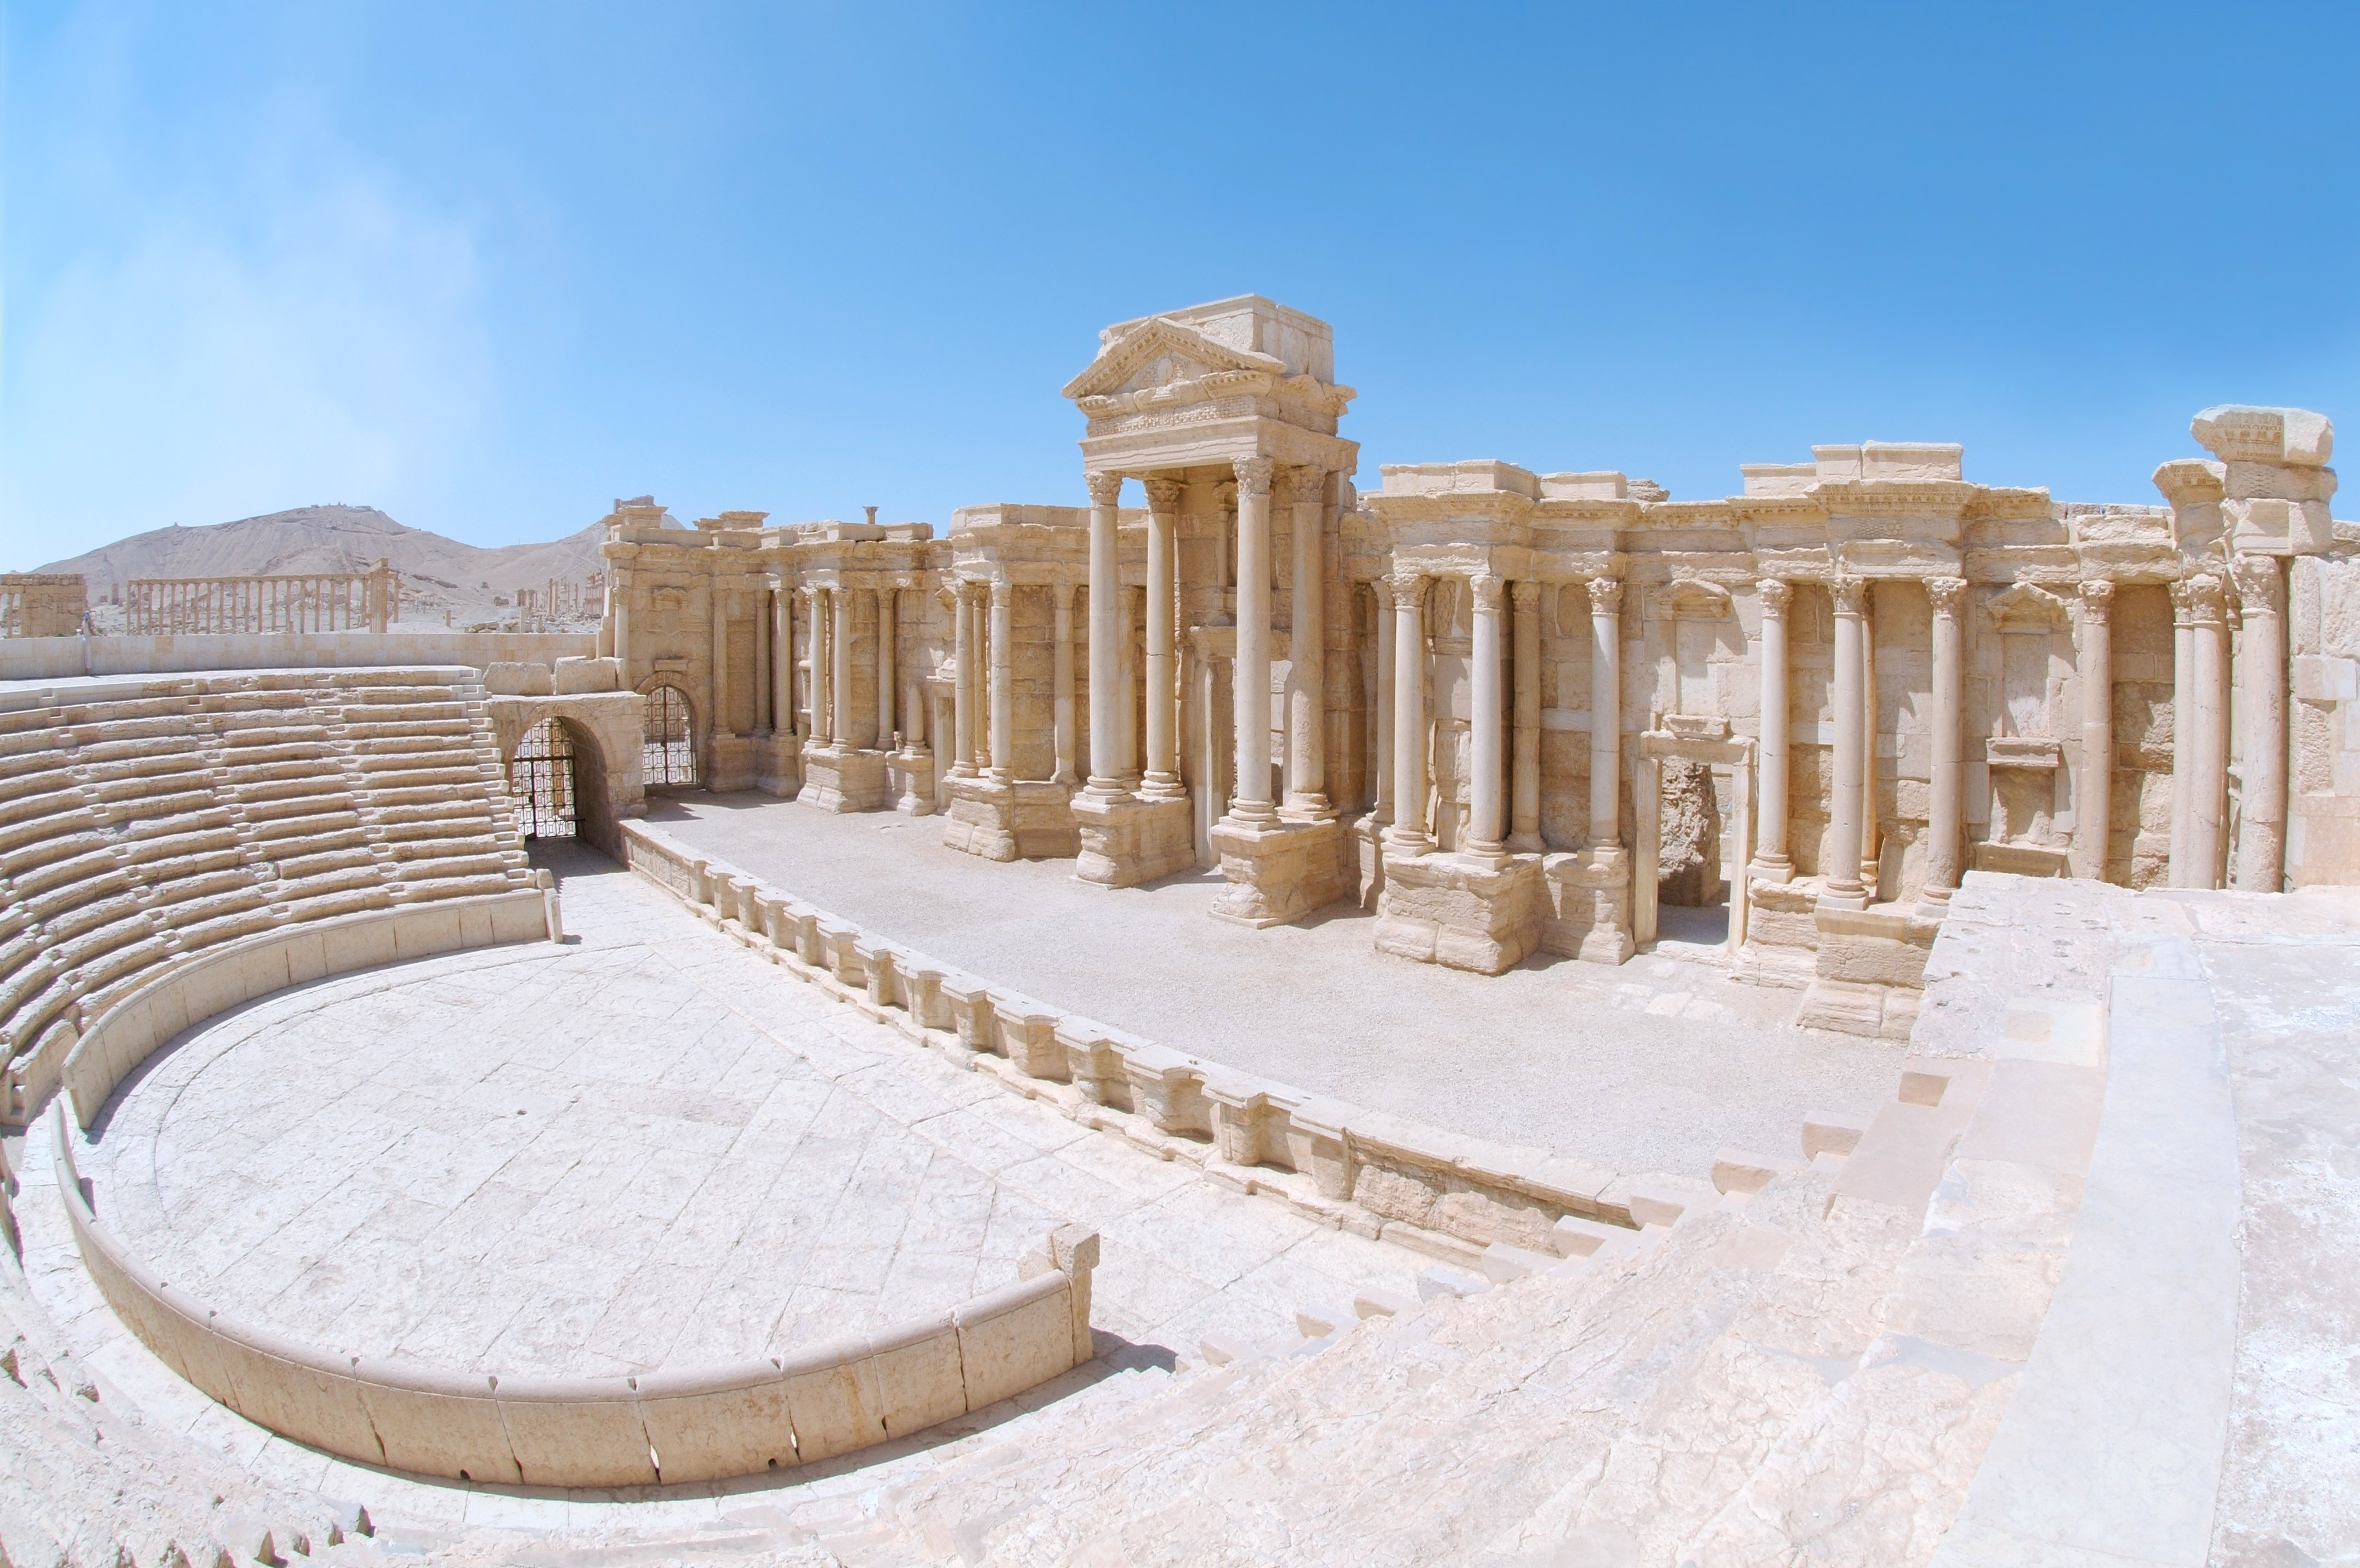 Не так давно Пальмира выглядела так. И привлекала туристов со всего света... Фото: Andrey Nekrasov\Zuma\TASS